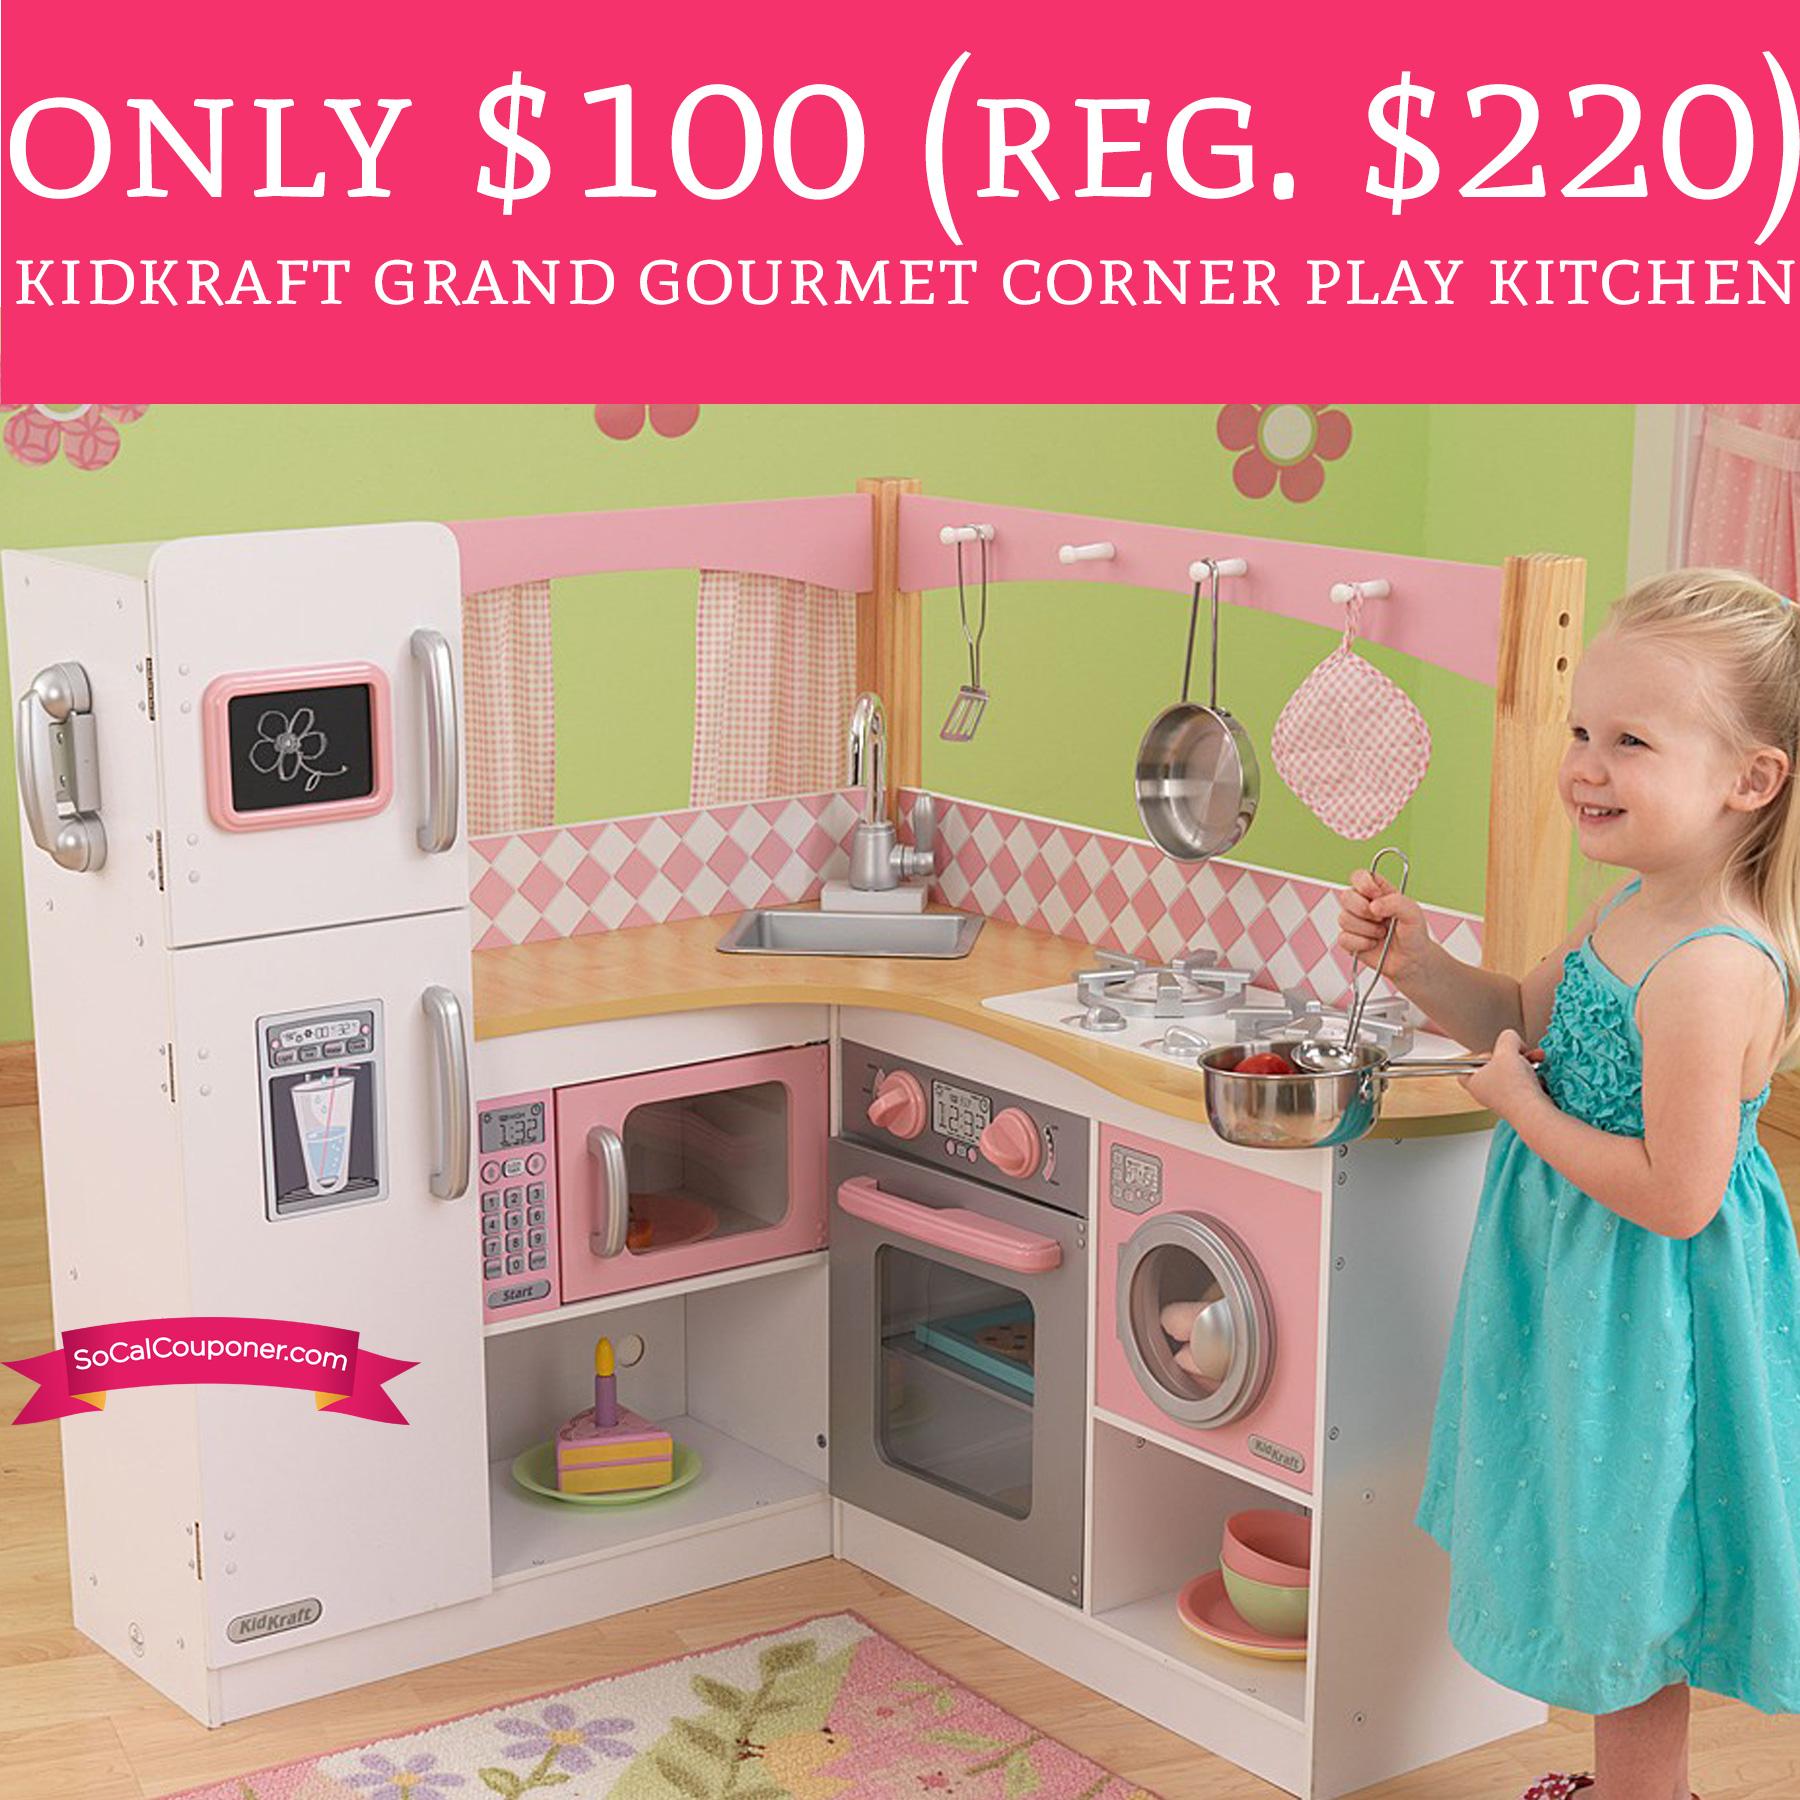 Kidkraft Grand Gourmet Corner Kitchen Play Set Free Shipping